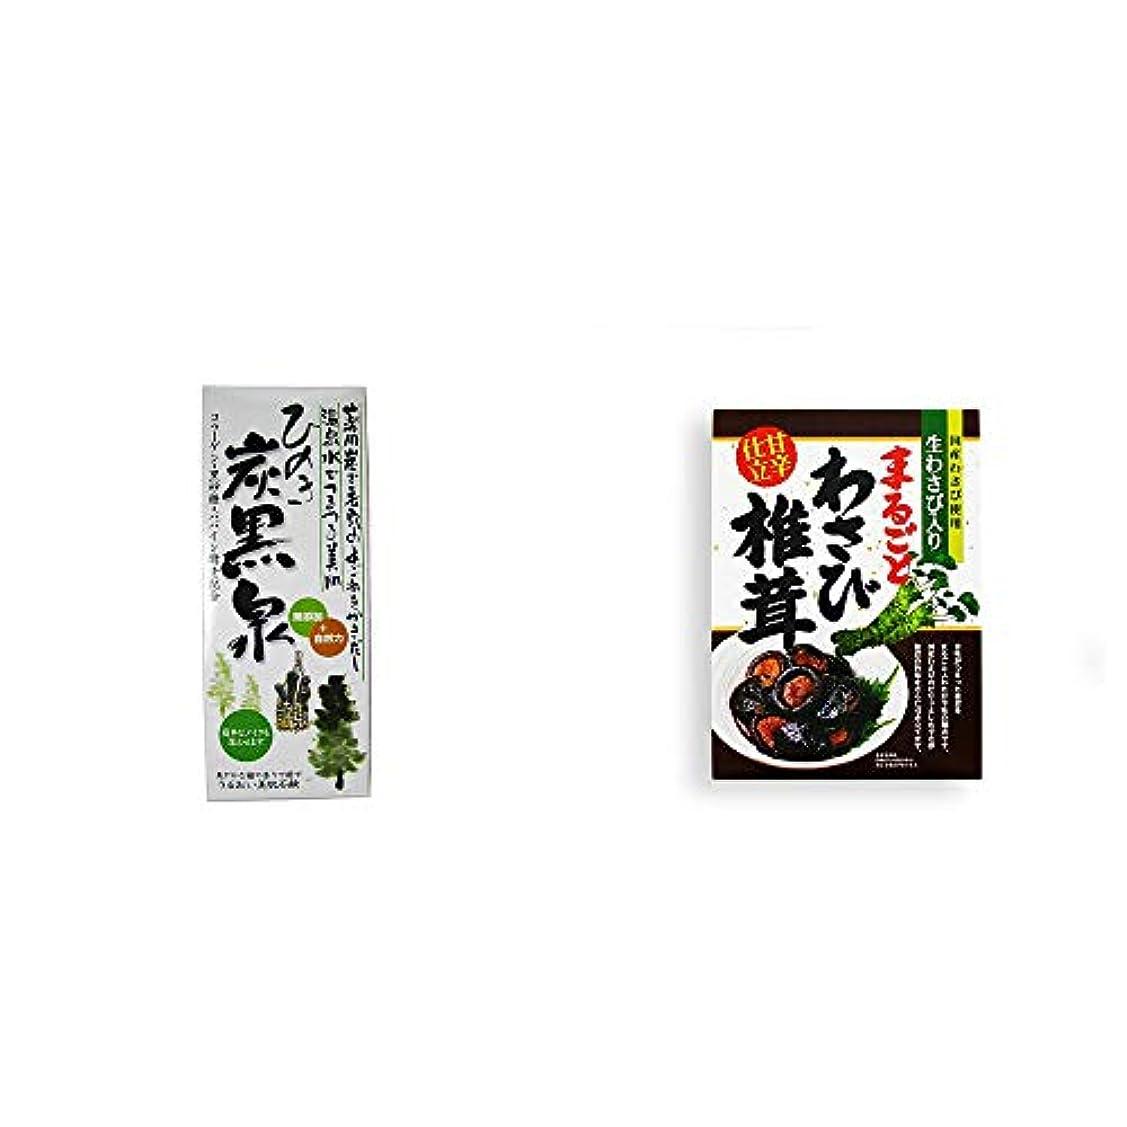 メモツーリストご飯[2点セット] ひのき炭黒泉 箱入り(75g×3)?まるごとわさび椎茸(200g)